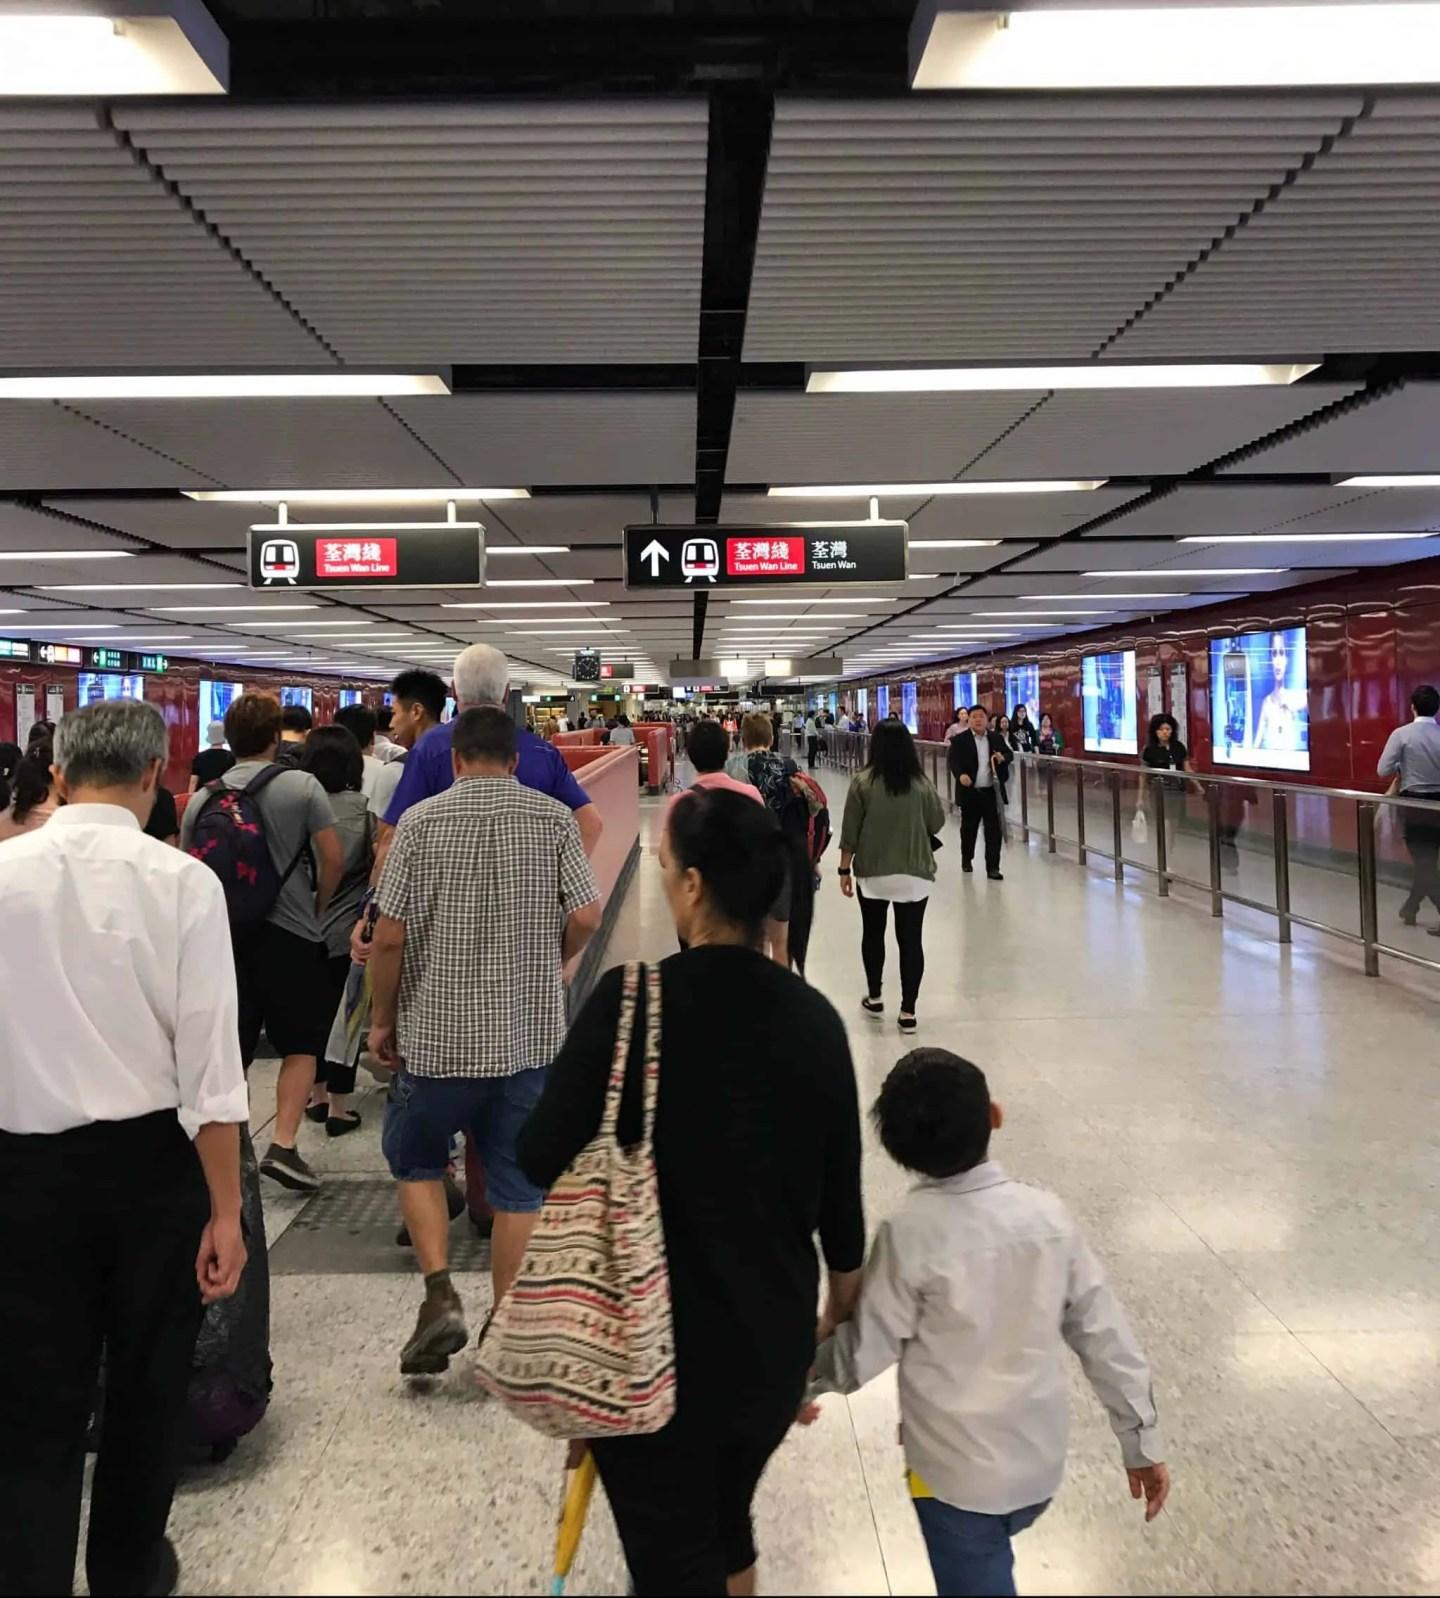 Hong Kong MTR, Victoria Harbor, 3 days in Hong Kong itinerary, Hong Kong long weekend, things to do in Hong Kong for 3 days